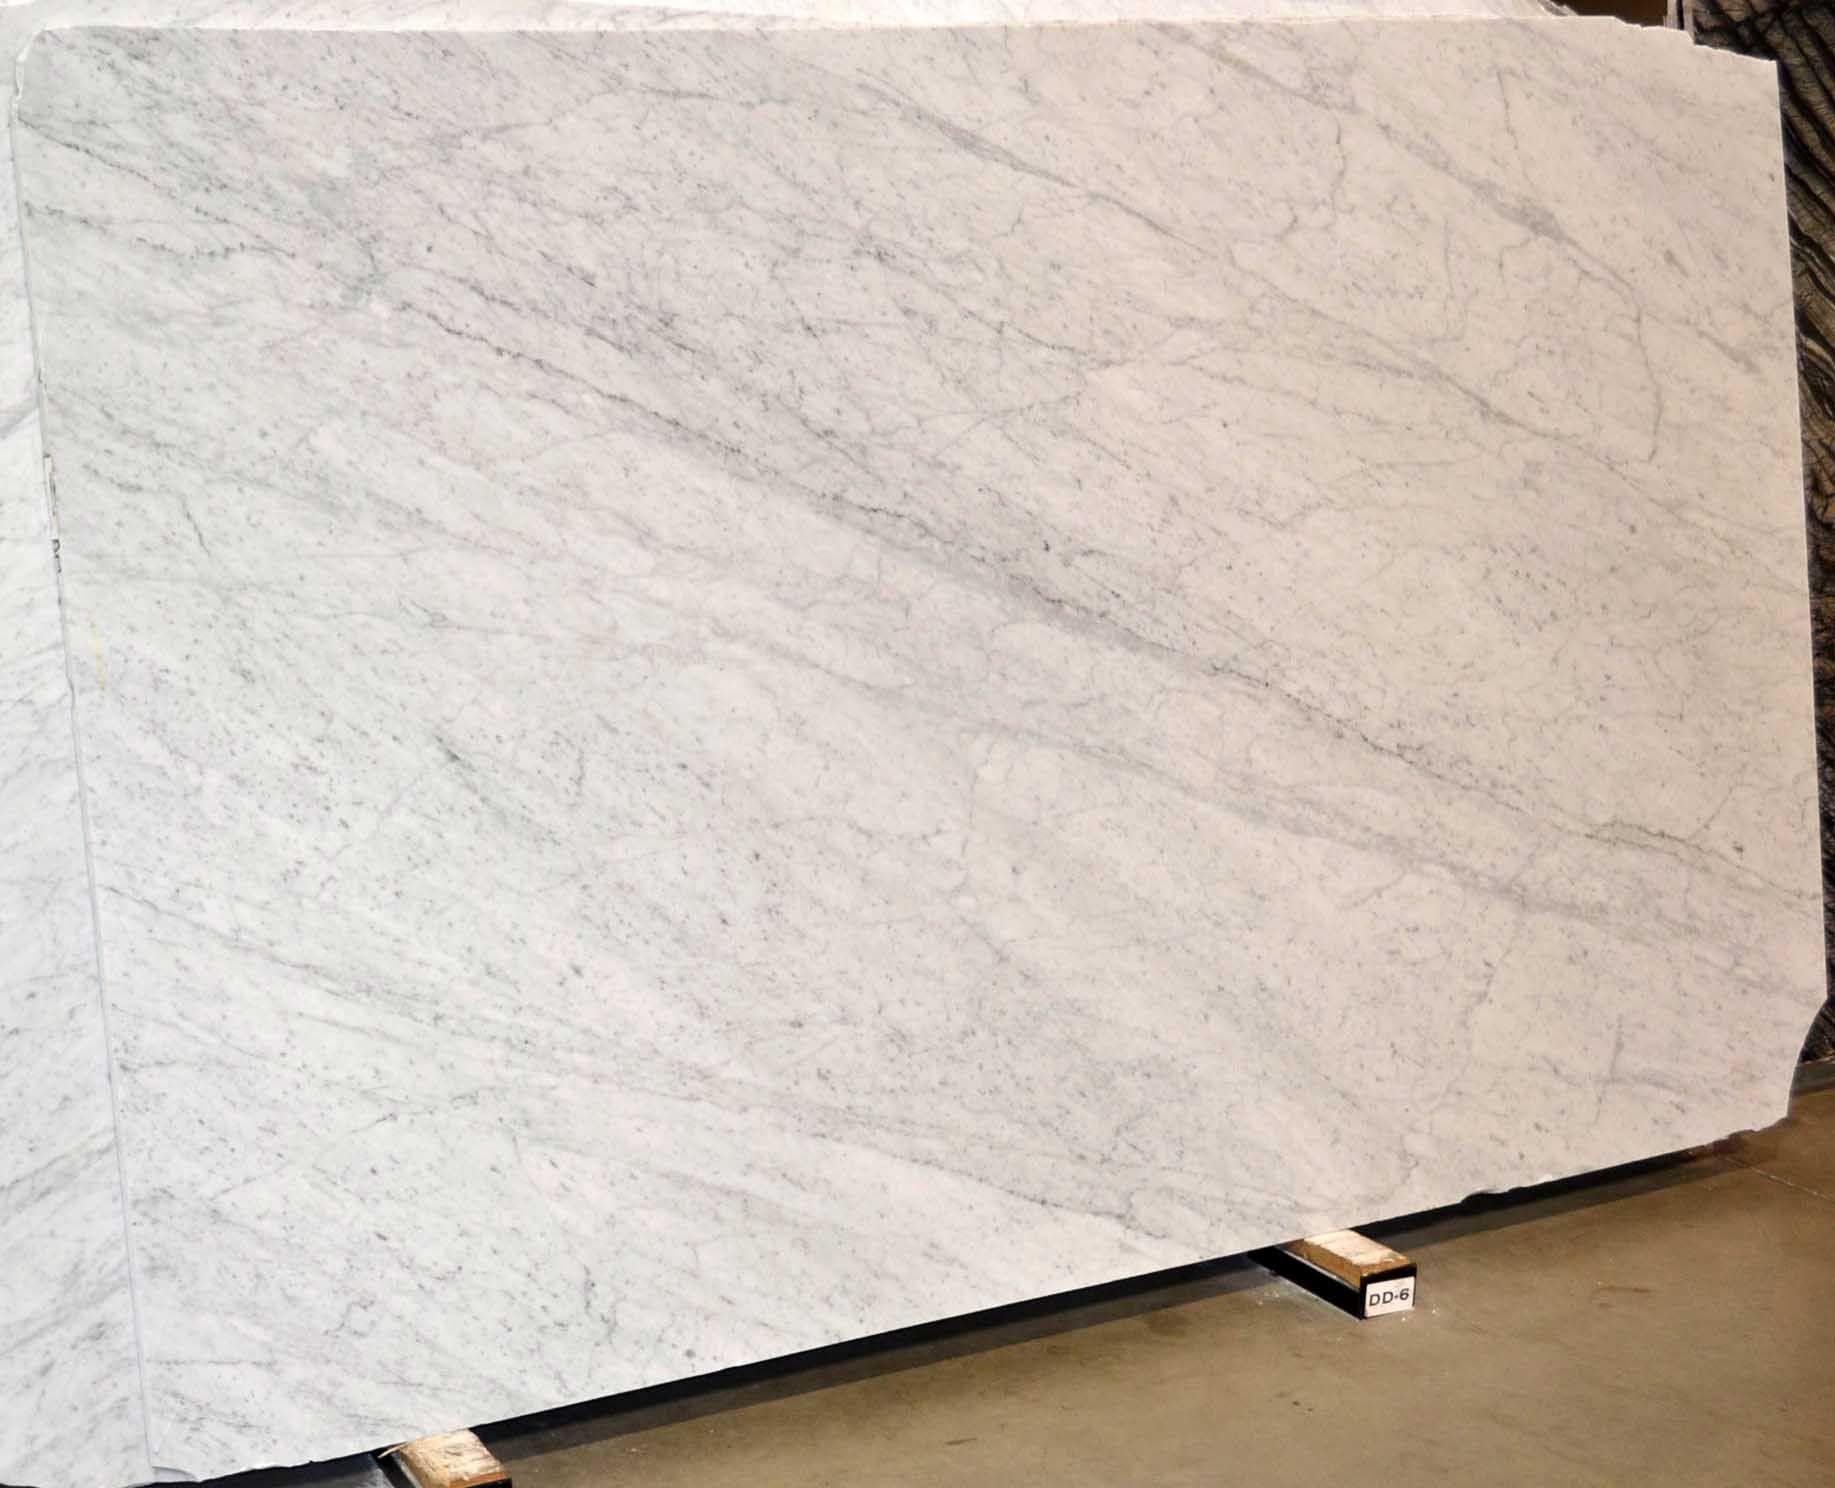 Carrara Marble The Stonecollection Inventory Carrara Marble Marble Carrara